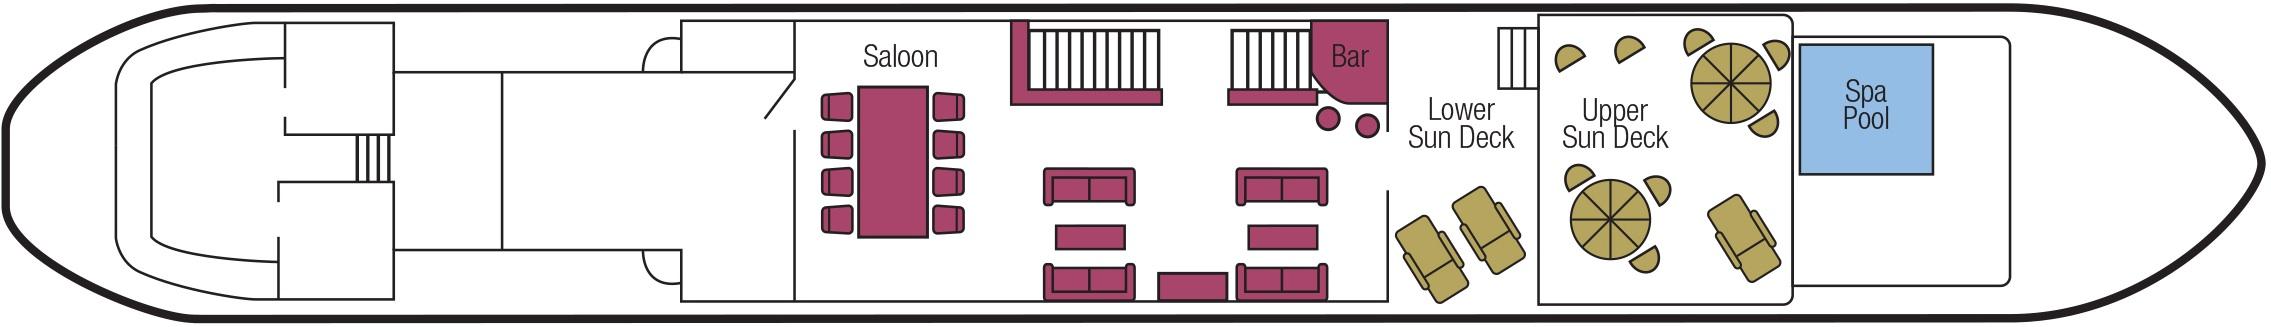 European Waterways Magna Carta Deckplans Upper Deck.jpg